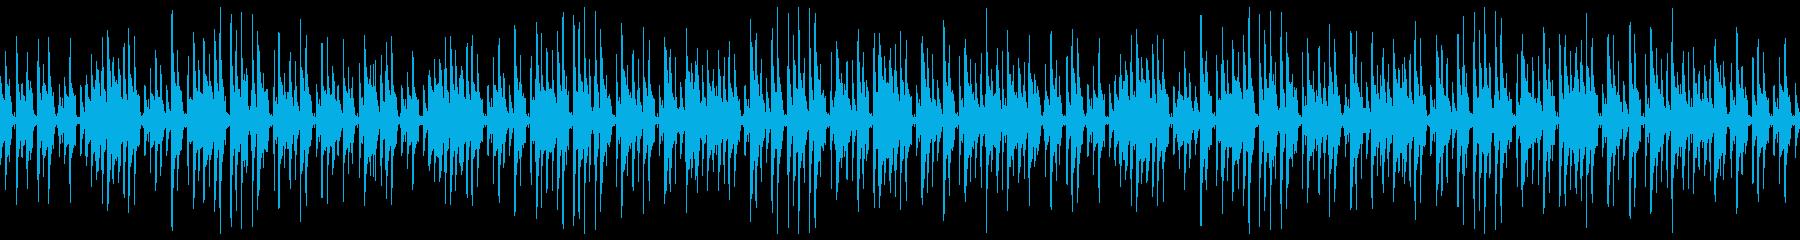 ほのぼのとしたウクレレと木琴のゆるい曲の再生済みの波形